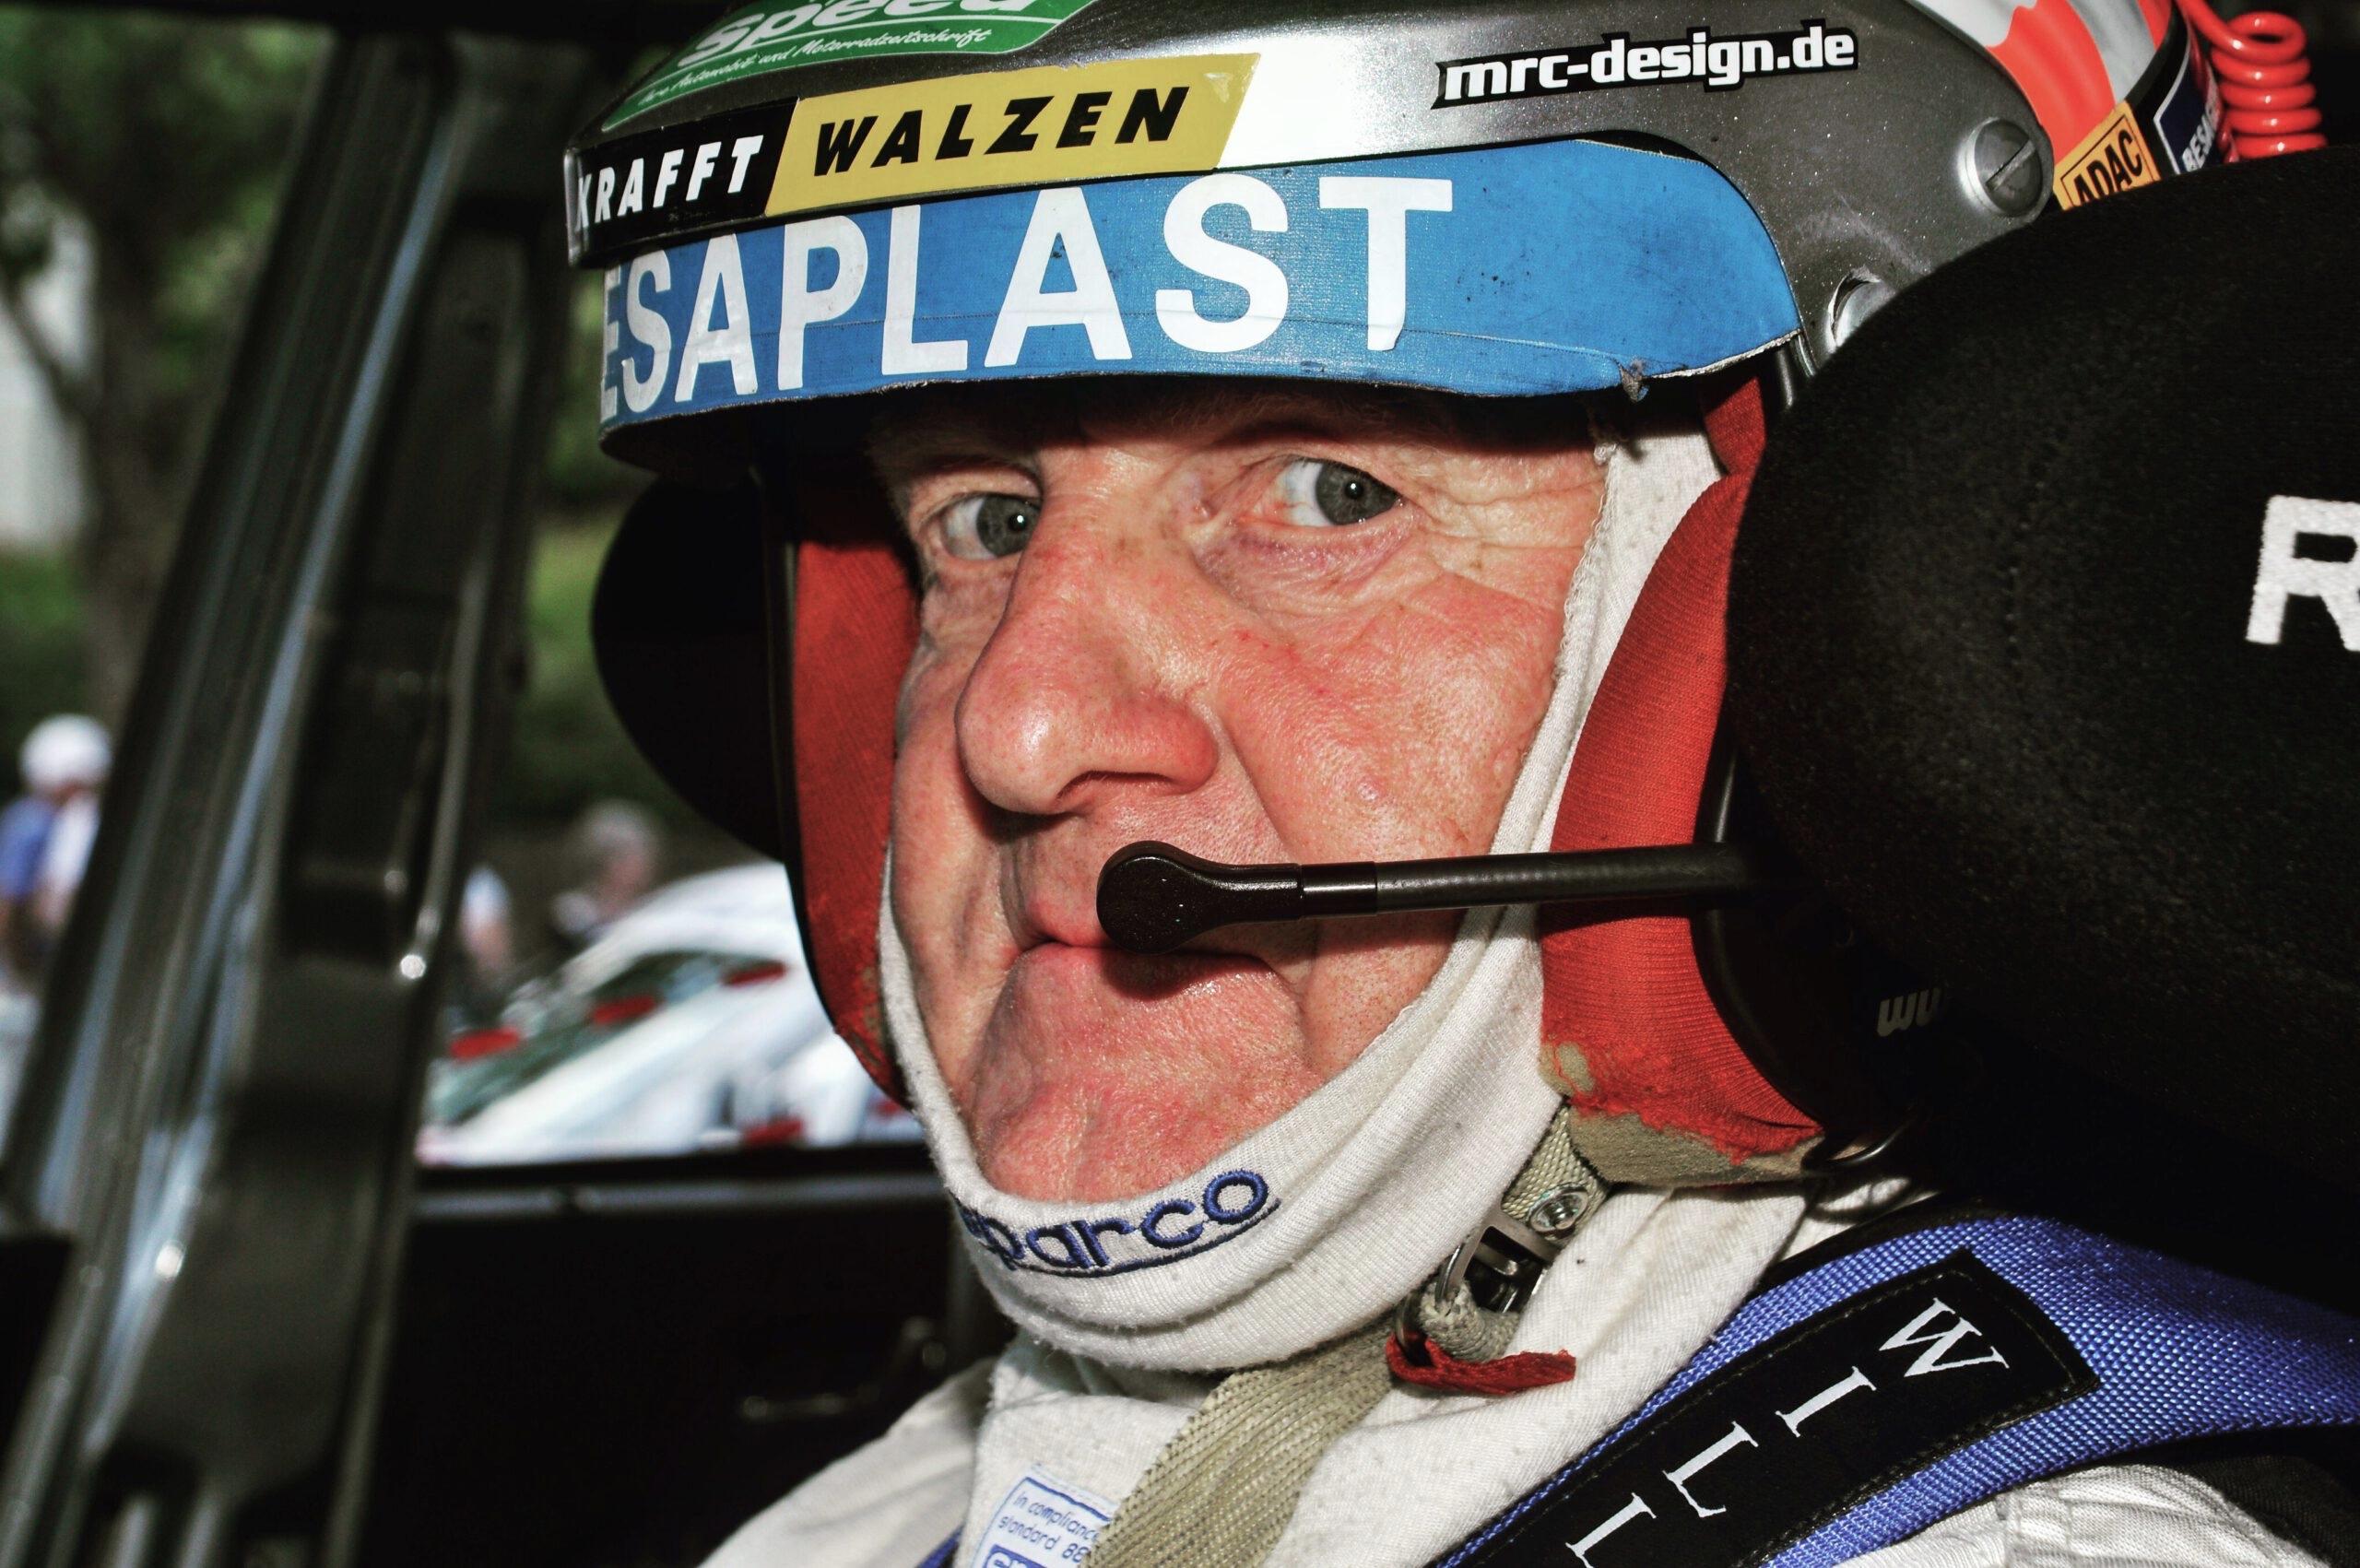 #Laut #Live #Legendär – heute vor einem halben Jahr: das Rennen der Tourenwagen Legenden im Rahmen der DTM 2020 auf dem Nürburgring. Jetzt im Re-Live.